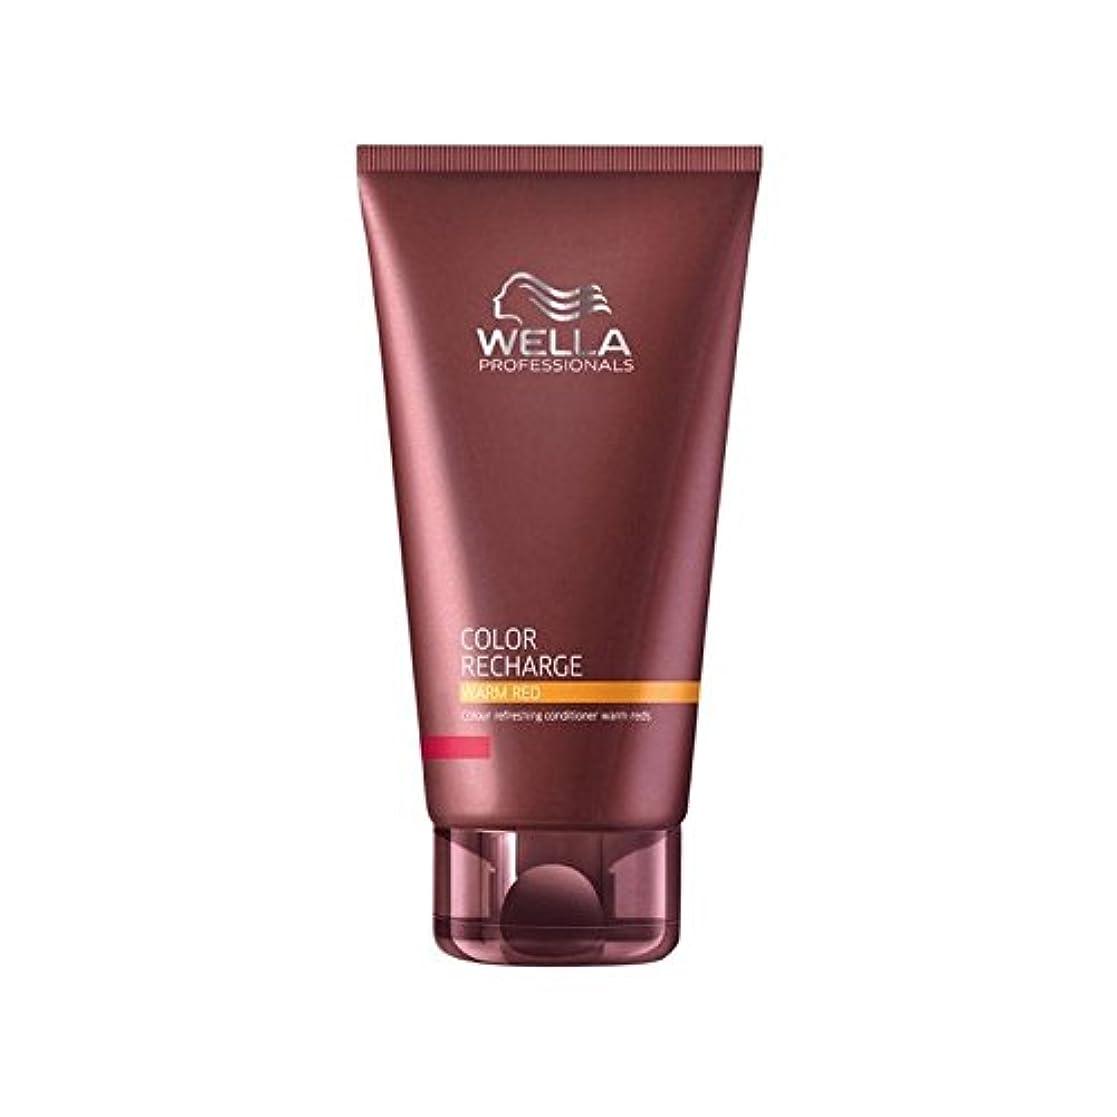 がんばり続ける雪だるまを作る舌なウエラ専門家のカラー再充電コンディショナー暖かい赤(200ミリリットル) x4 - Wella Professionals Color Recharge Conditioner Warm Red (200ml) (Pack of 4) [並行輸入品]